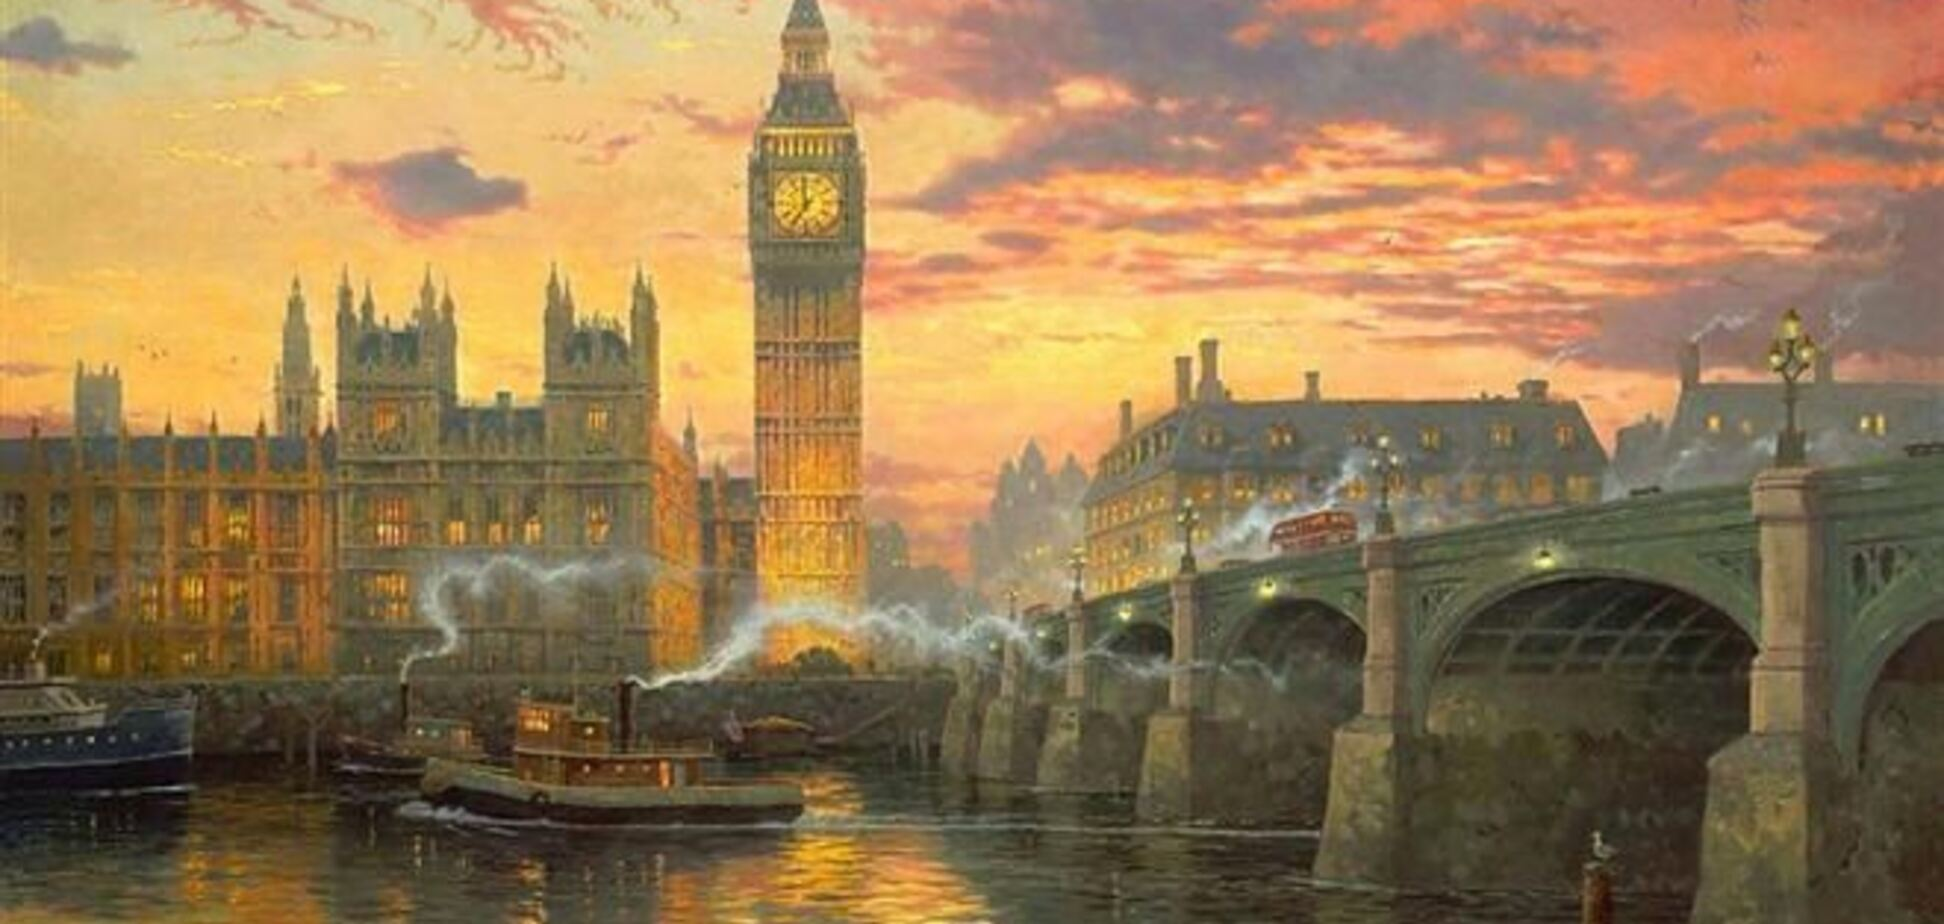 44 млрд евро вложили в недвижимость Лондона иностранцы